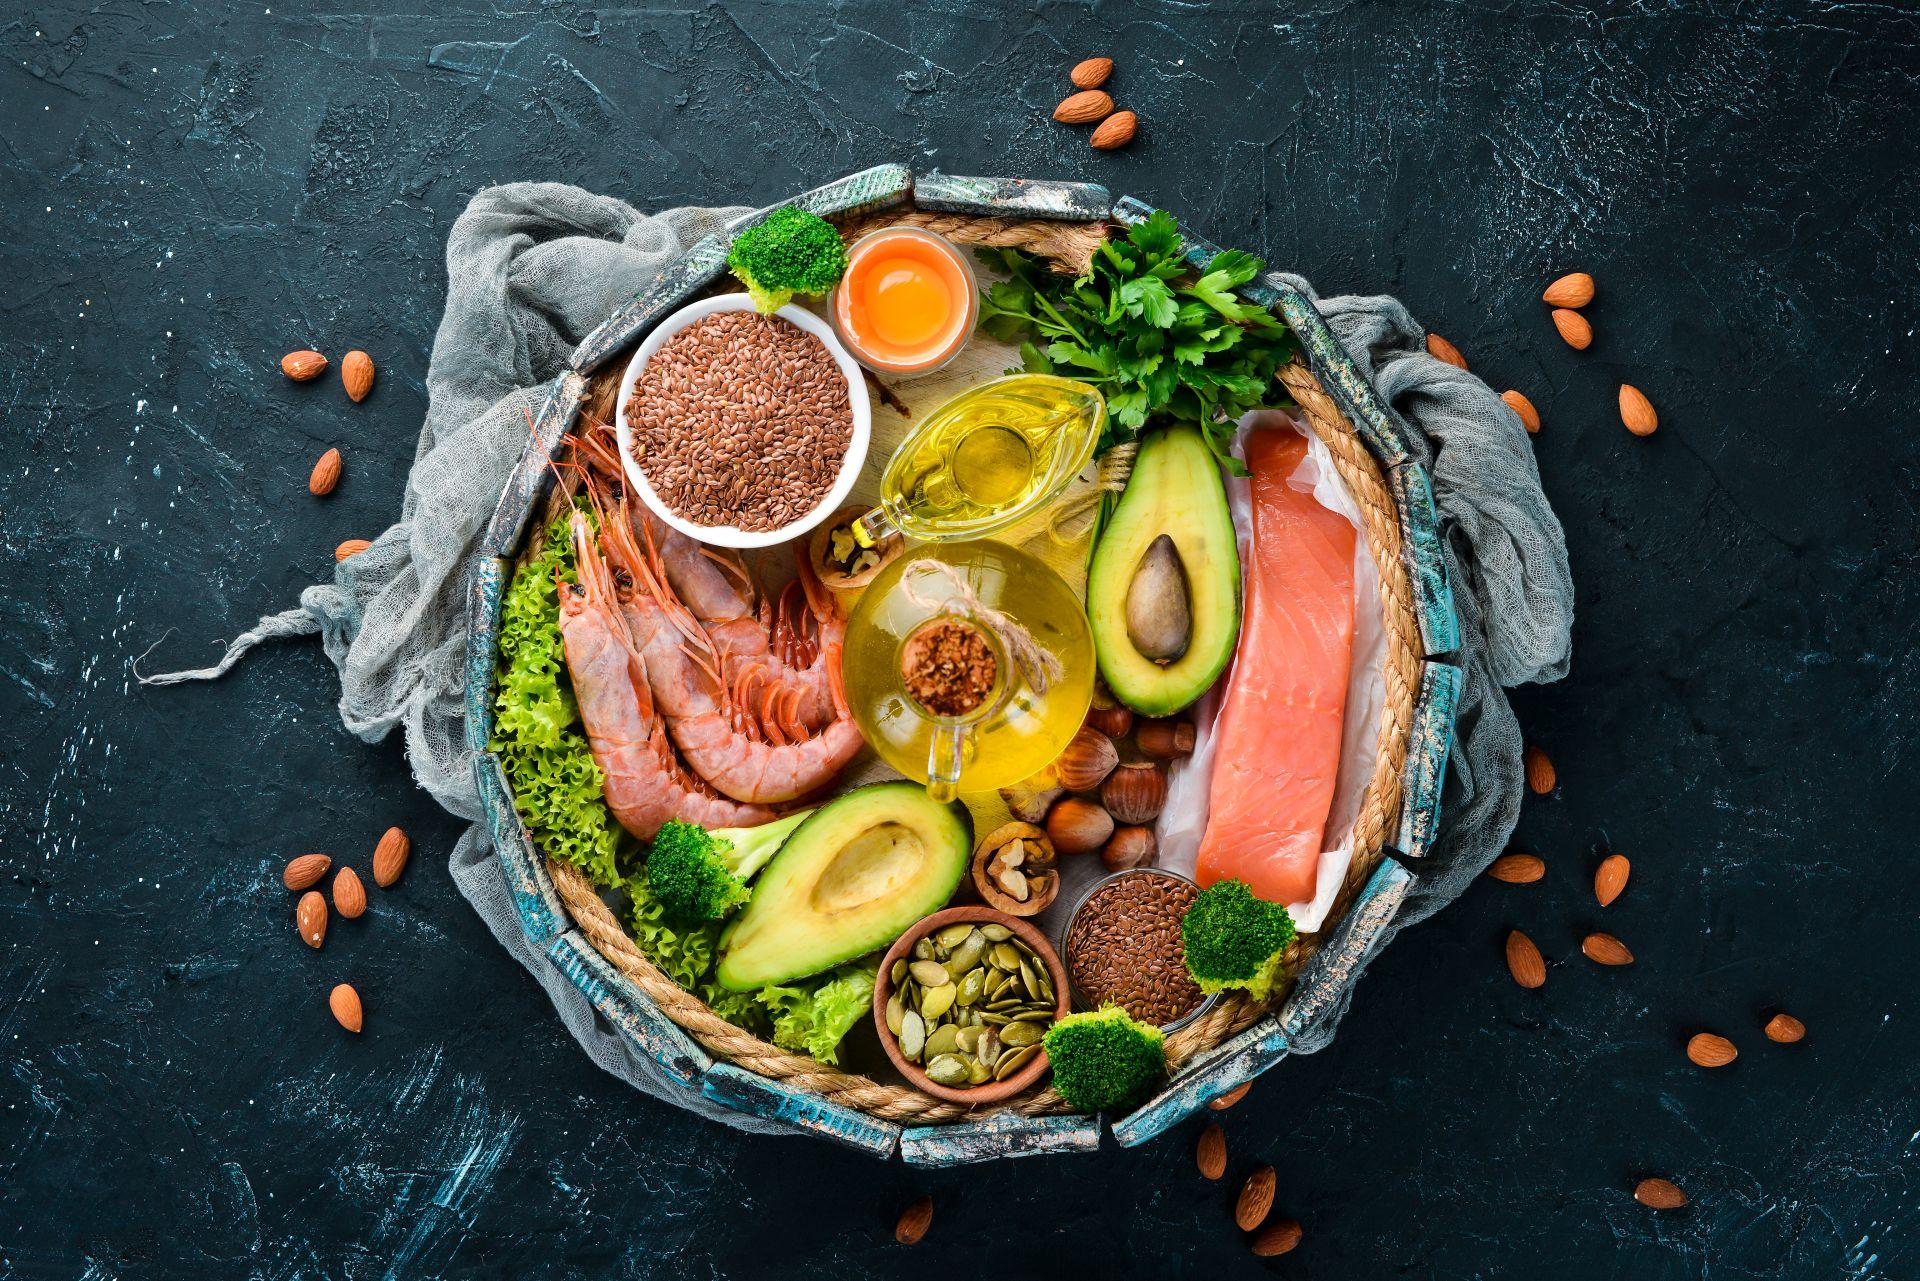 Kwasy Omega-6 - poznaj źródła zdrowych kwasów tłuszczowych, działanie i właściwości kwasów Omega-6 oraz dlaczego warto równoważyć je z kwasami Omega-3.